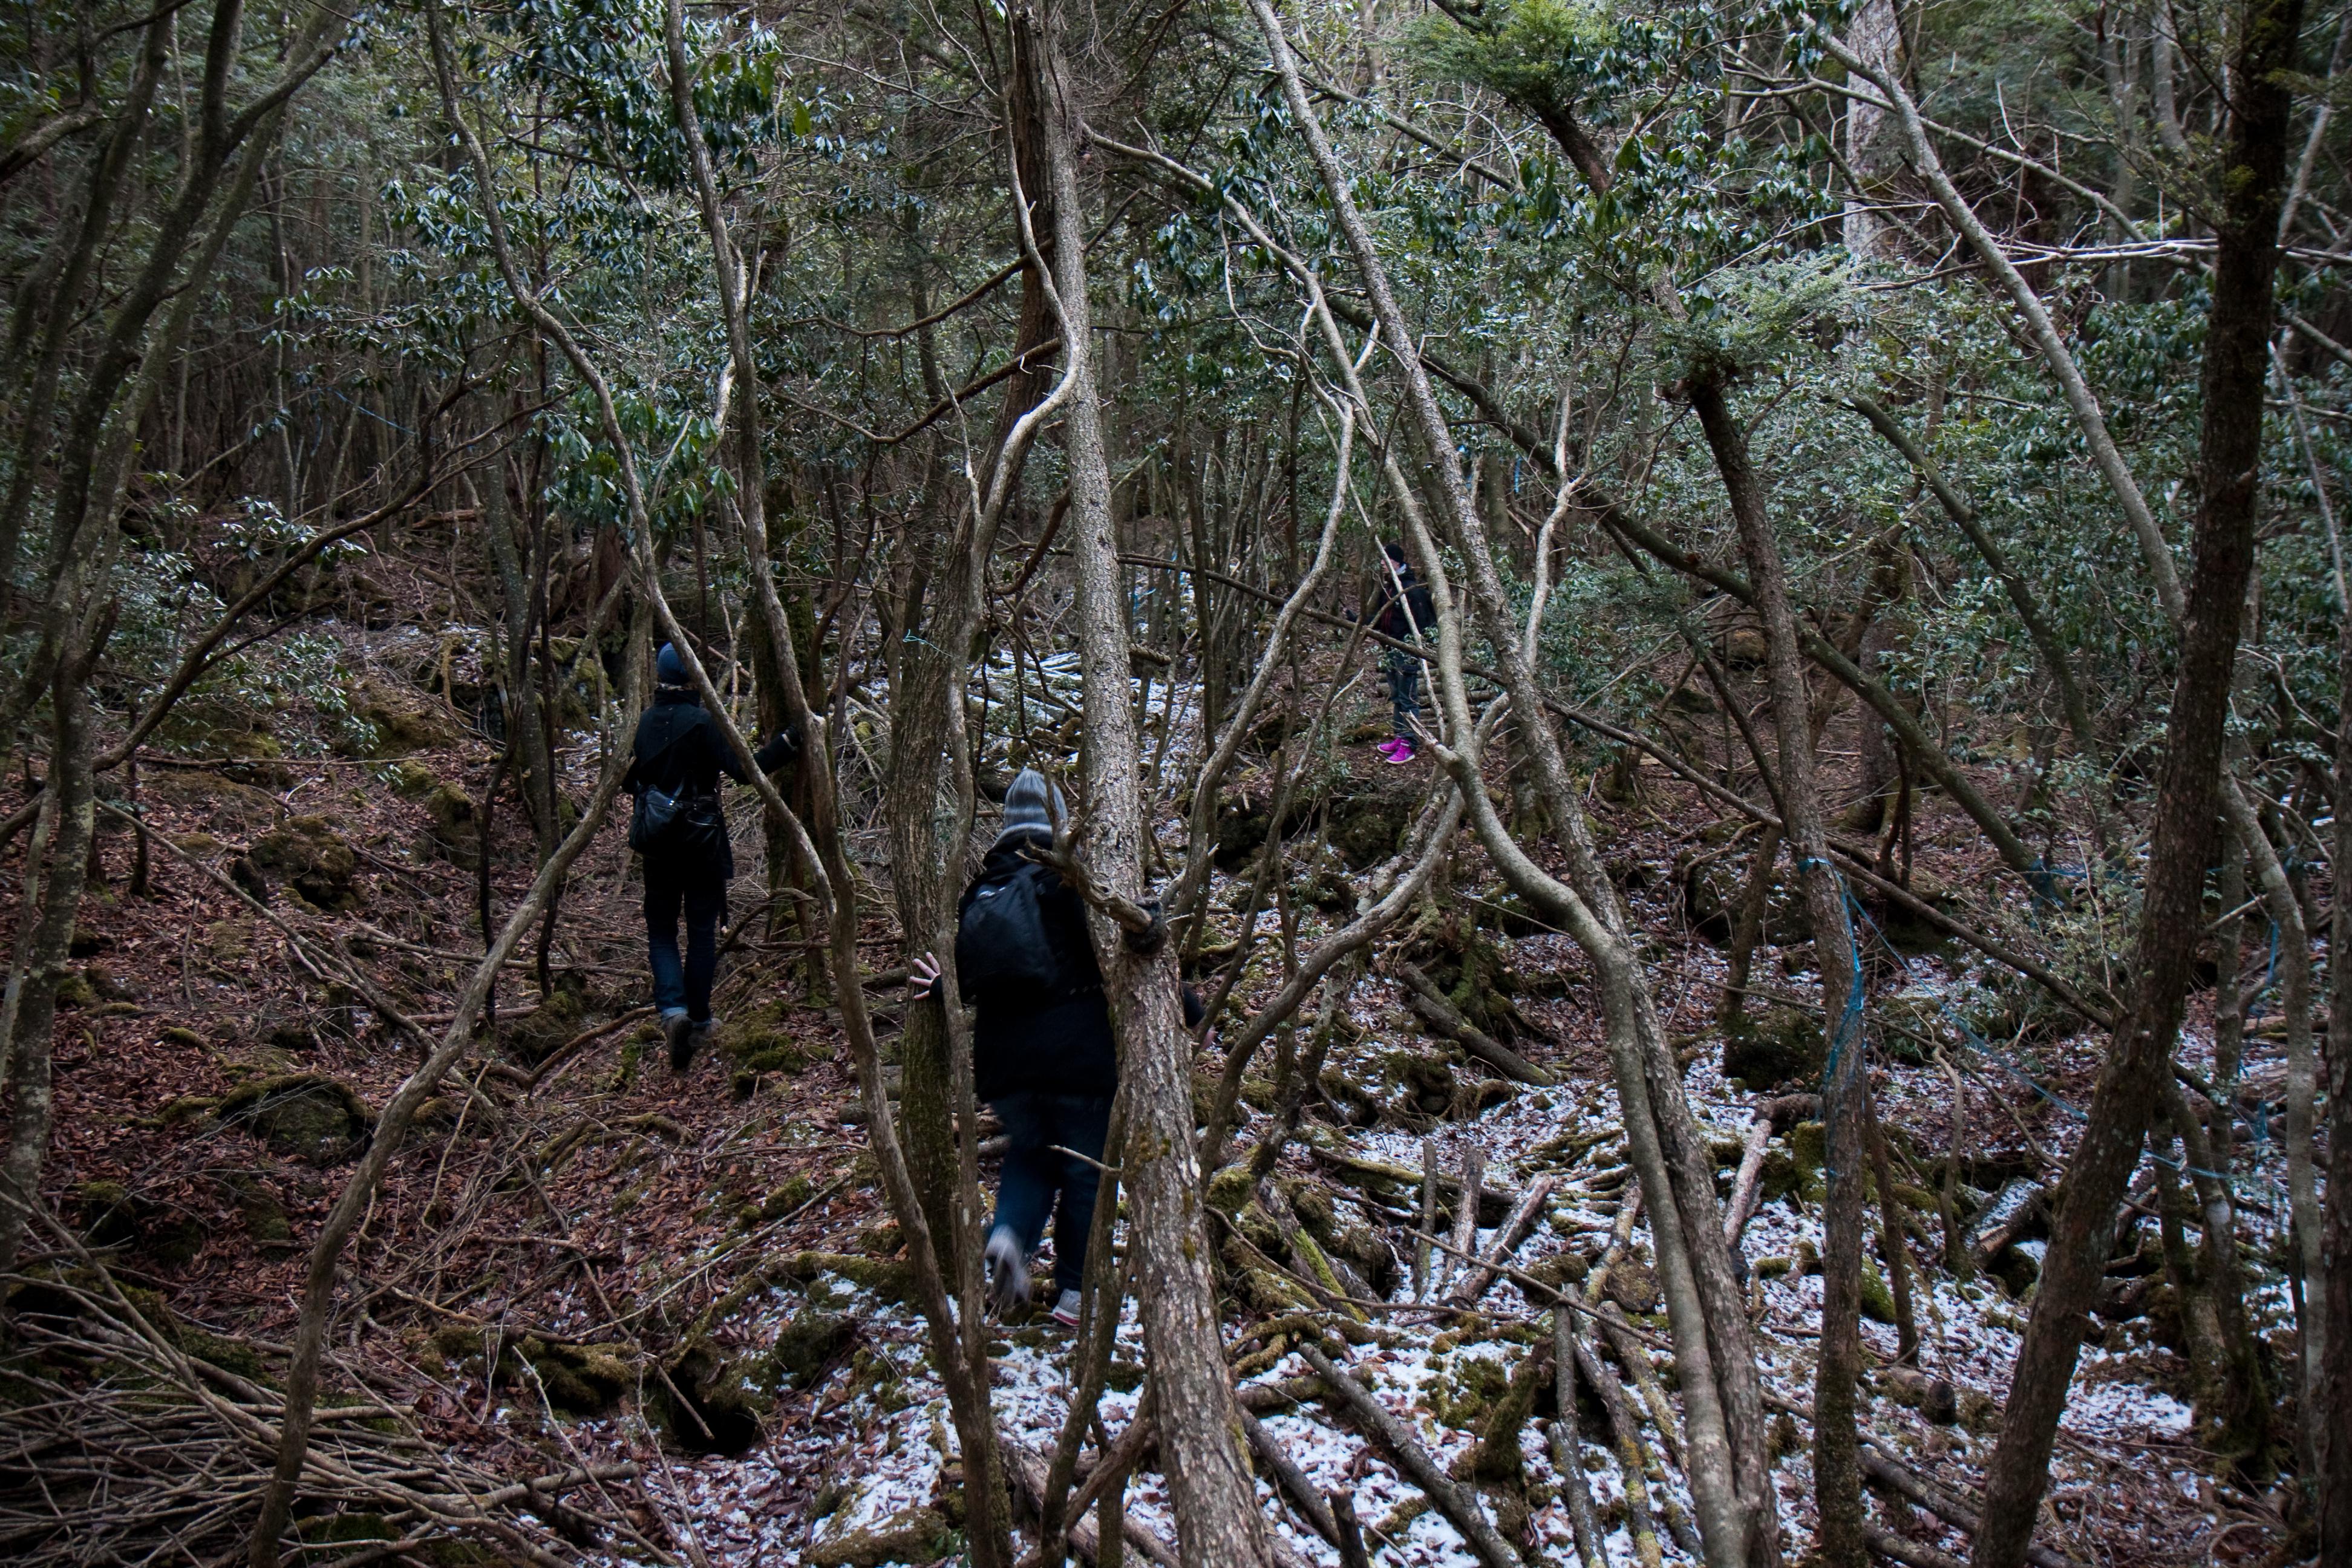 Aokigahara Suicide Forest - Weird Japan Weird Japan